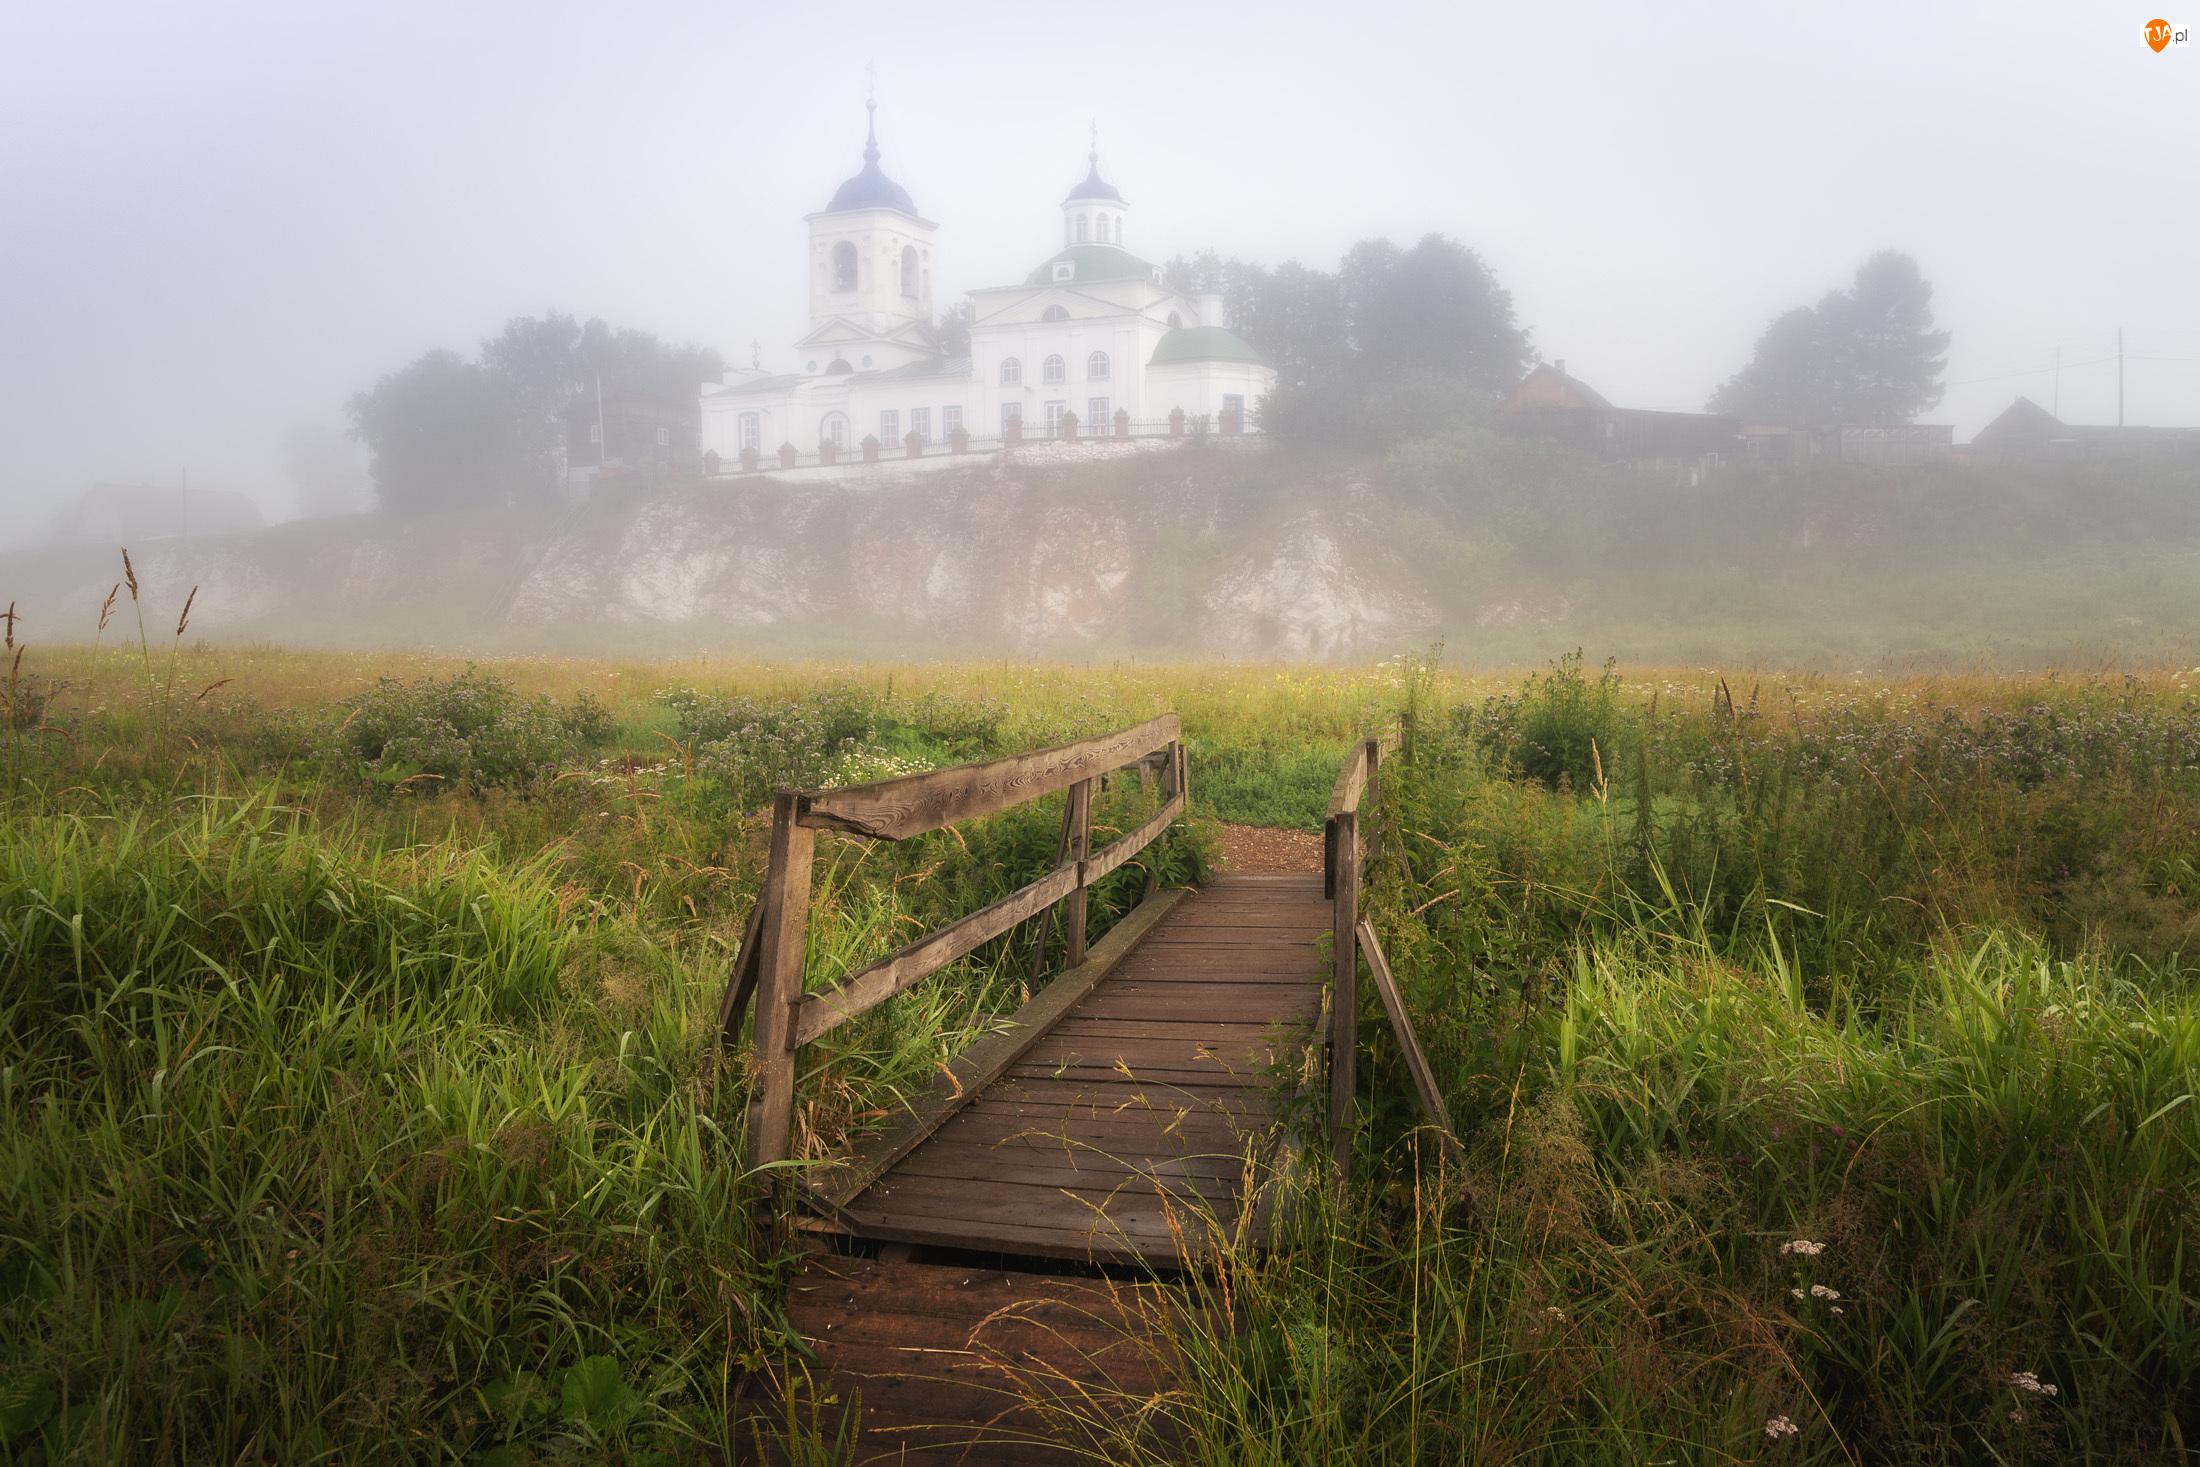 Mostek, Mgła, Drzewa, Cerkiew, Trawa